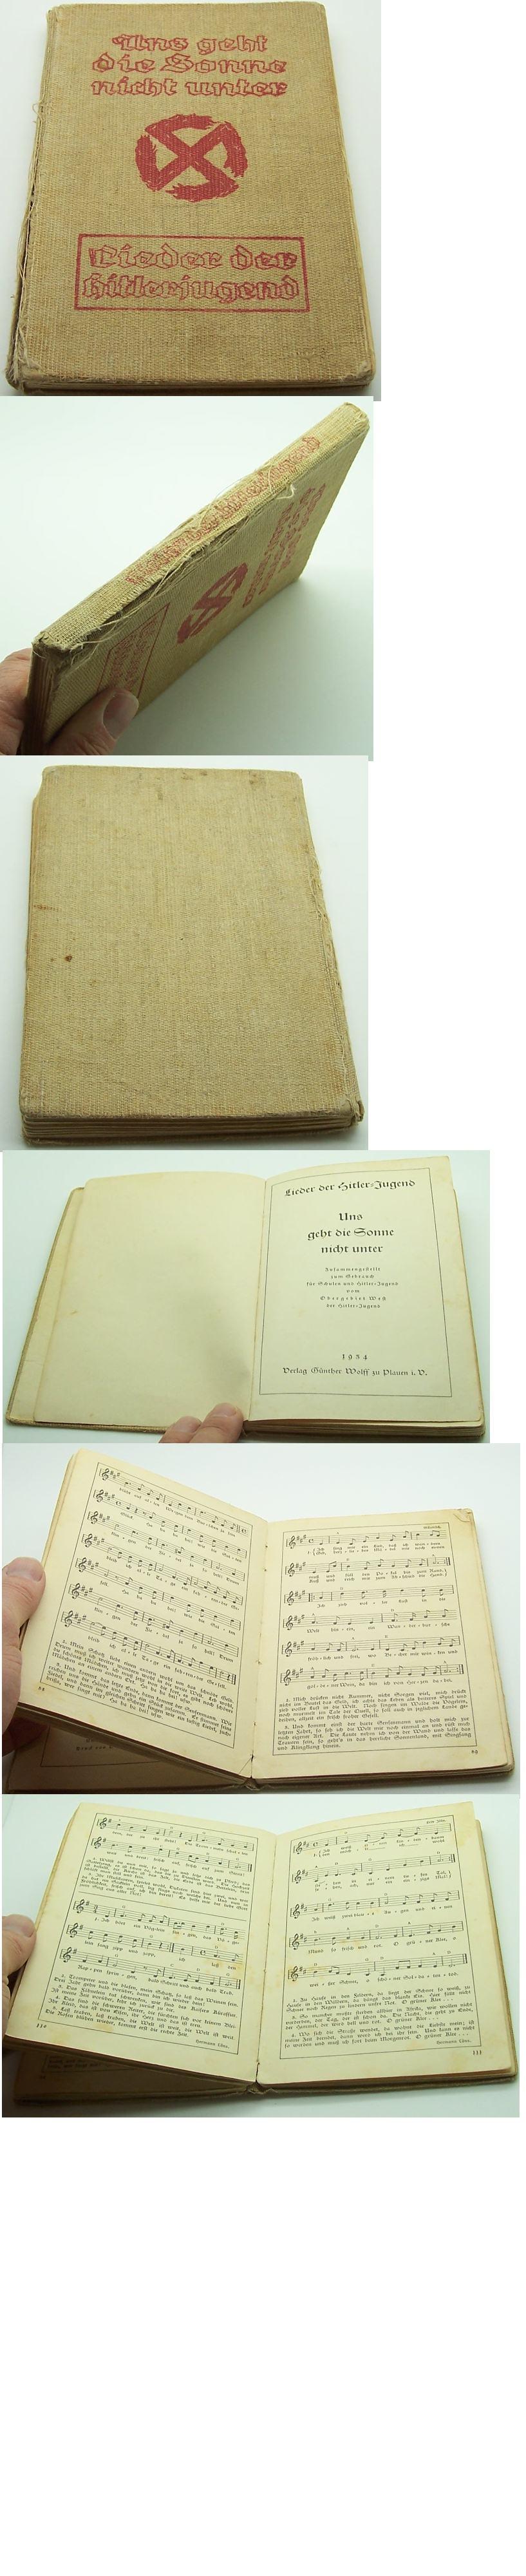 HJ Songbook Lieder der Hitlerjugend